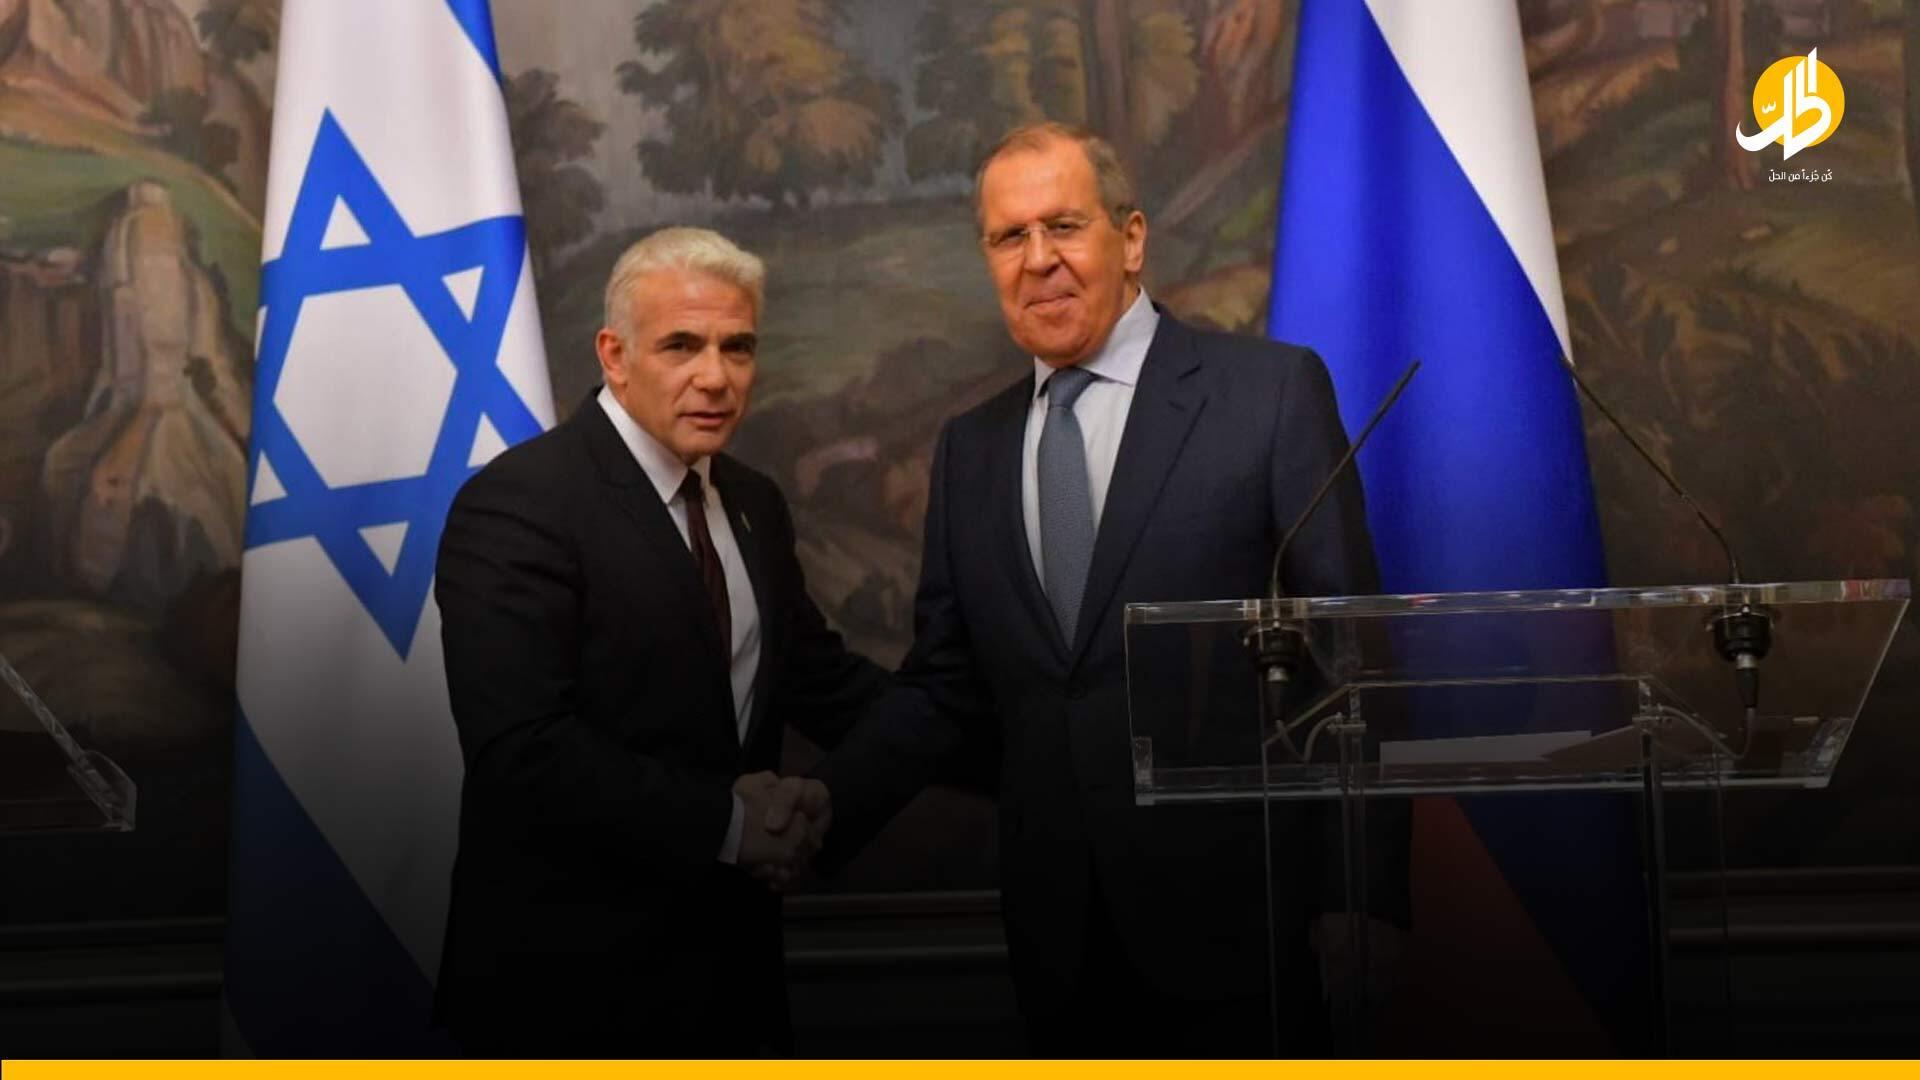 روسيا وإسرائيل بمواجهة طهران.. إعلانٌ غير مباشر لردع الوجود الإيراني في سوريا